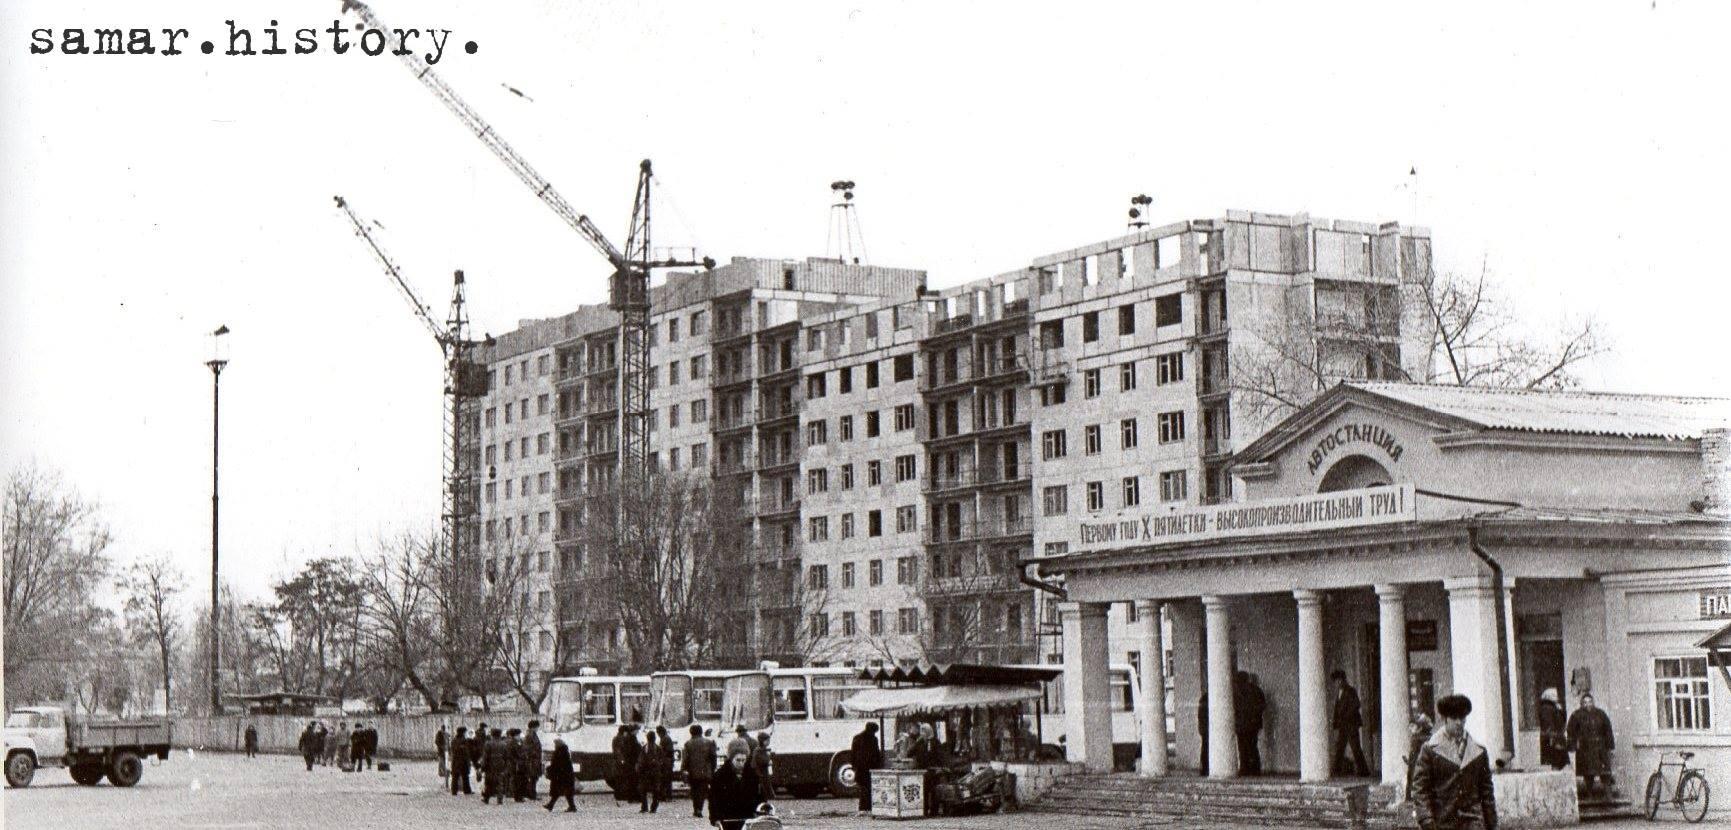 Стройка дома по Гетьманськой 32 и старый автовокзал в центре